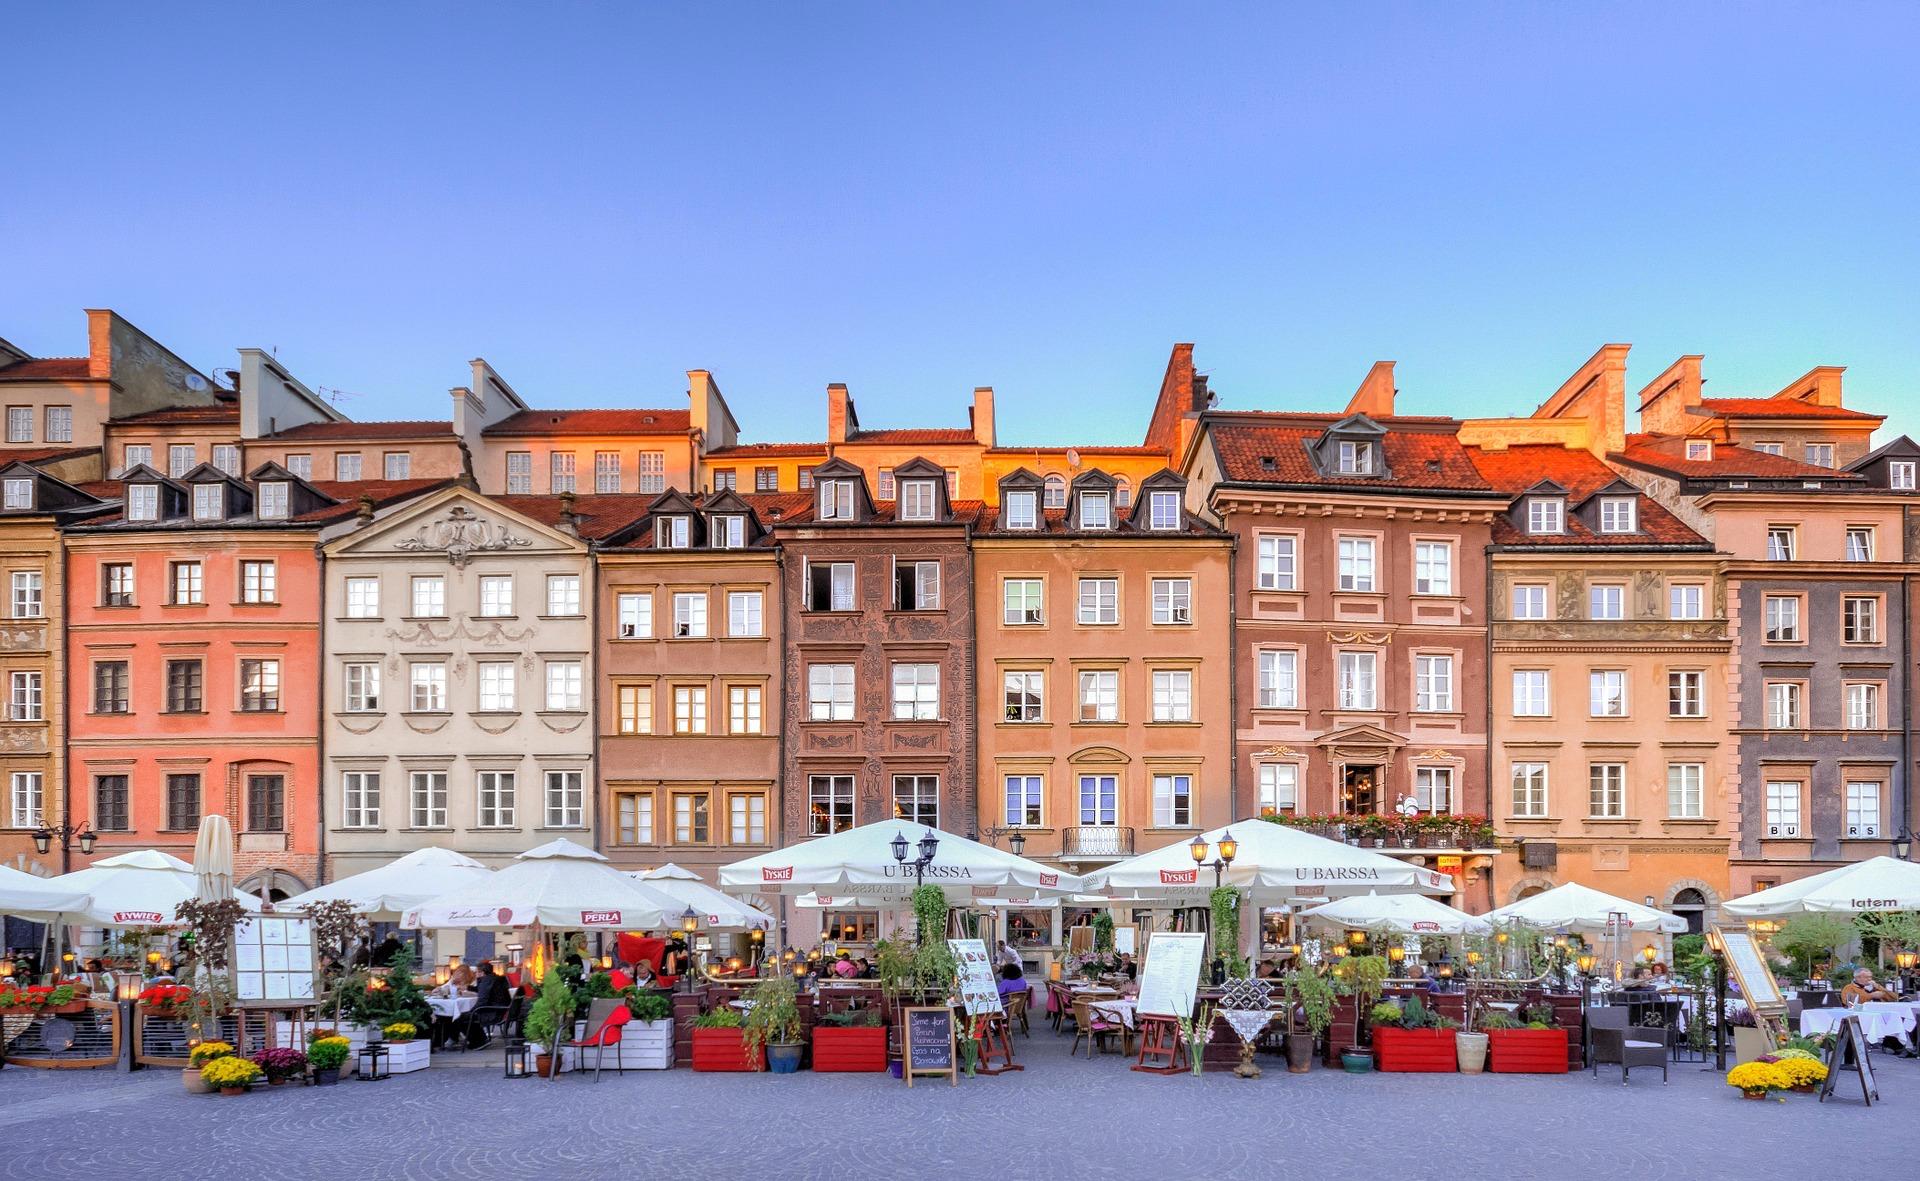 Varsavia dating online